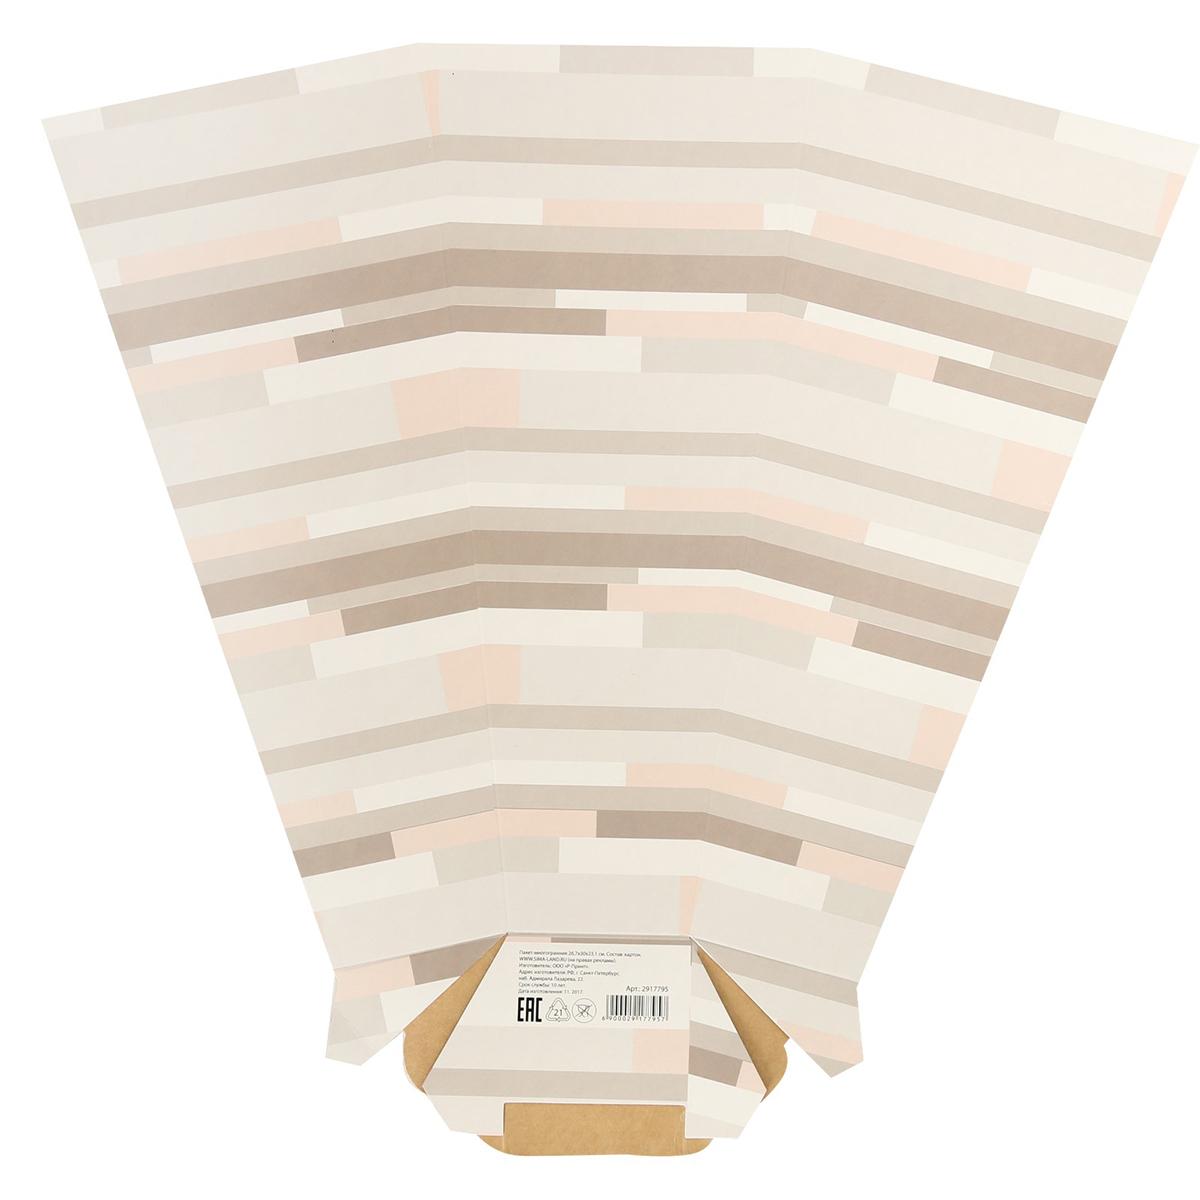 Пакет-многогранник Дарите Счастье Полоски, 26,7 х 30 х 23,1 см2917795Любой подарок начинается с упаковки. Что может быть трогательнее и волшебнее, чем ритуал разворачивания полученного презента. И именно оригинальная, со вкусом выбранная упаковка выделит ваш подарок из массы других. Она продемонстрирует самые теплые чувства к виновнику торжества и создаст сказочную атмосферу праздника.